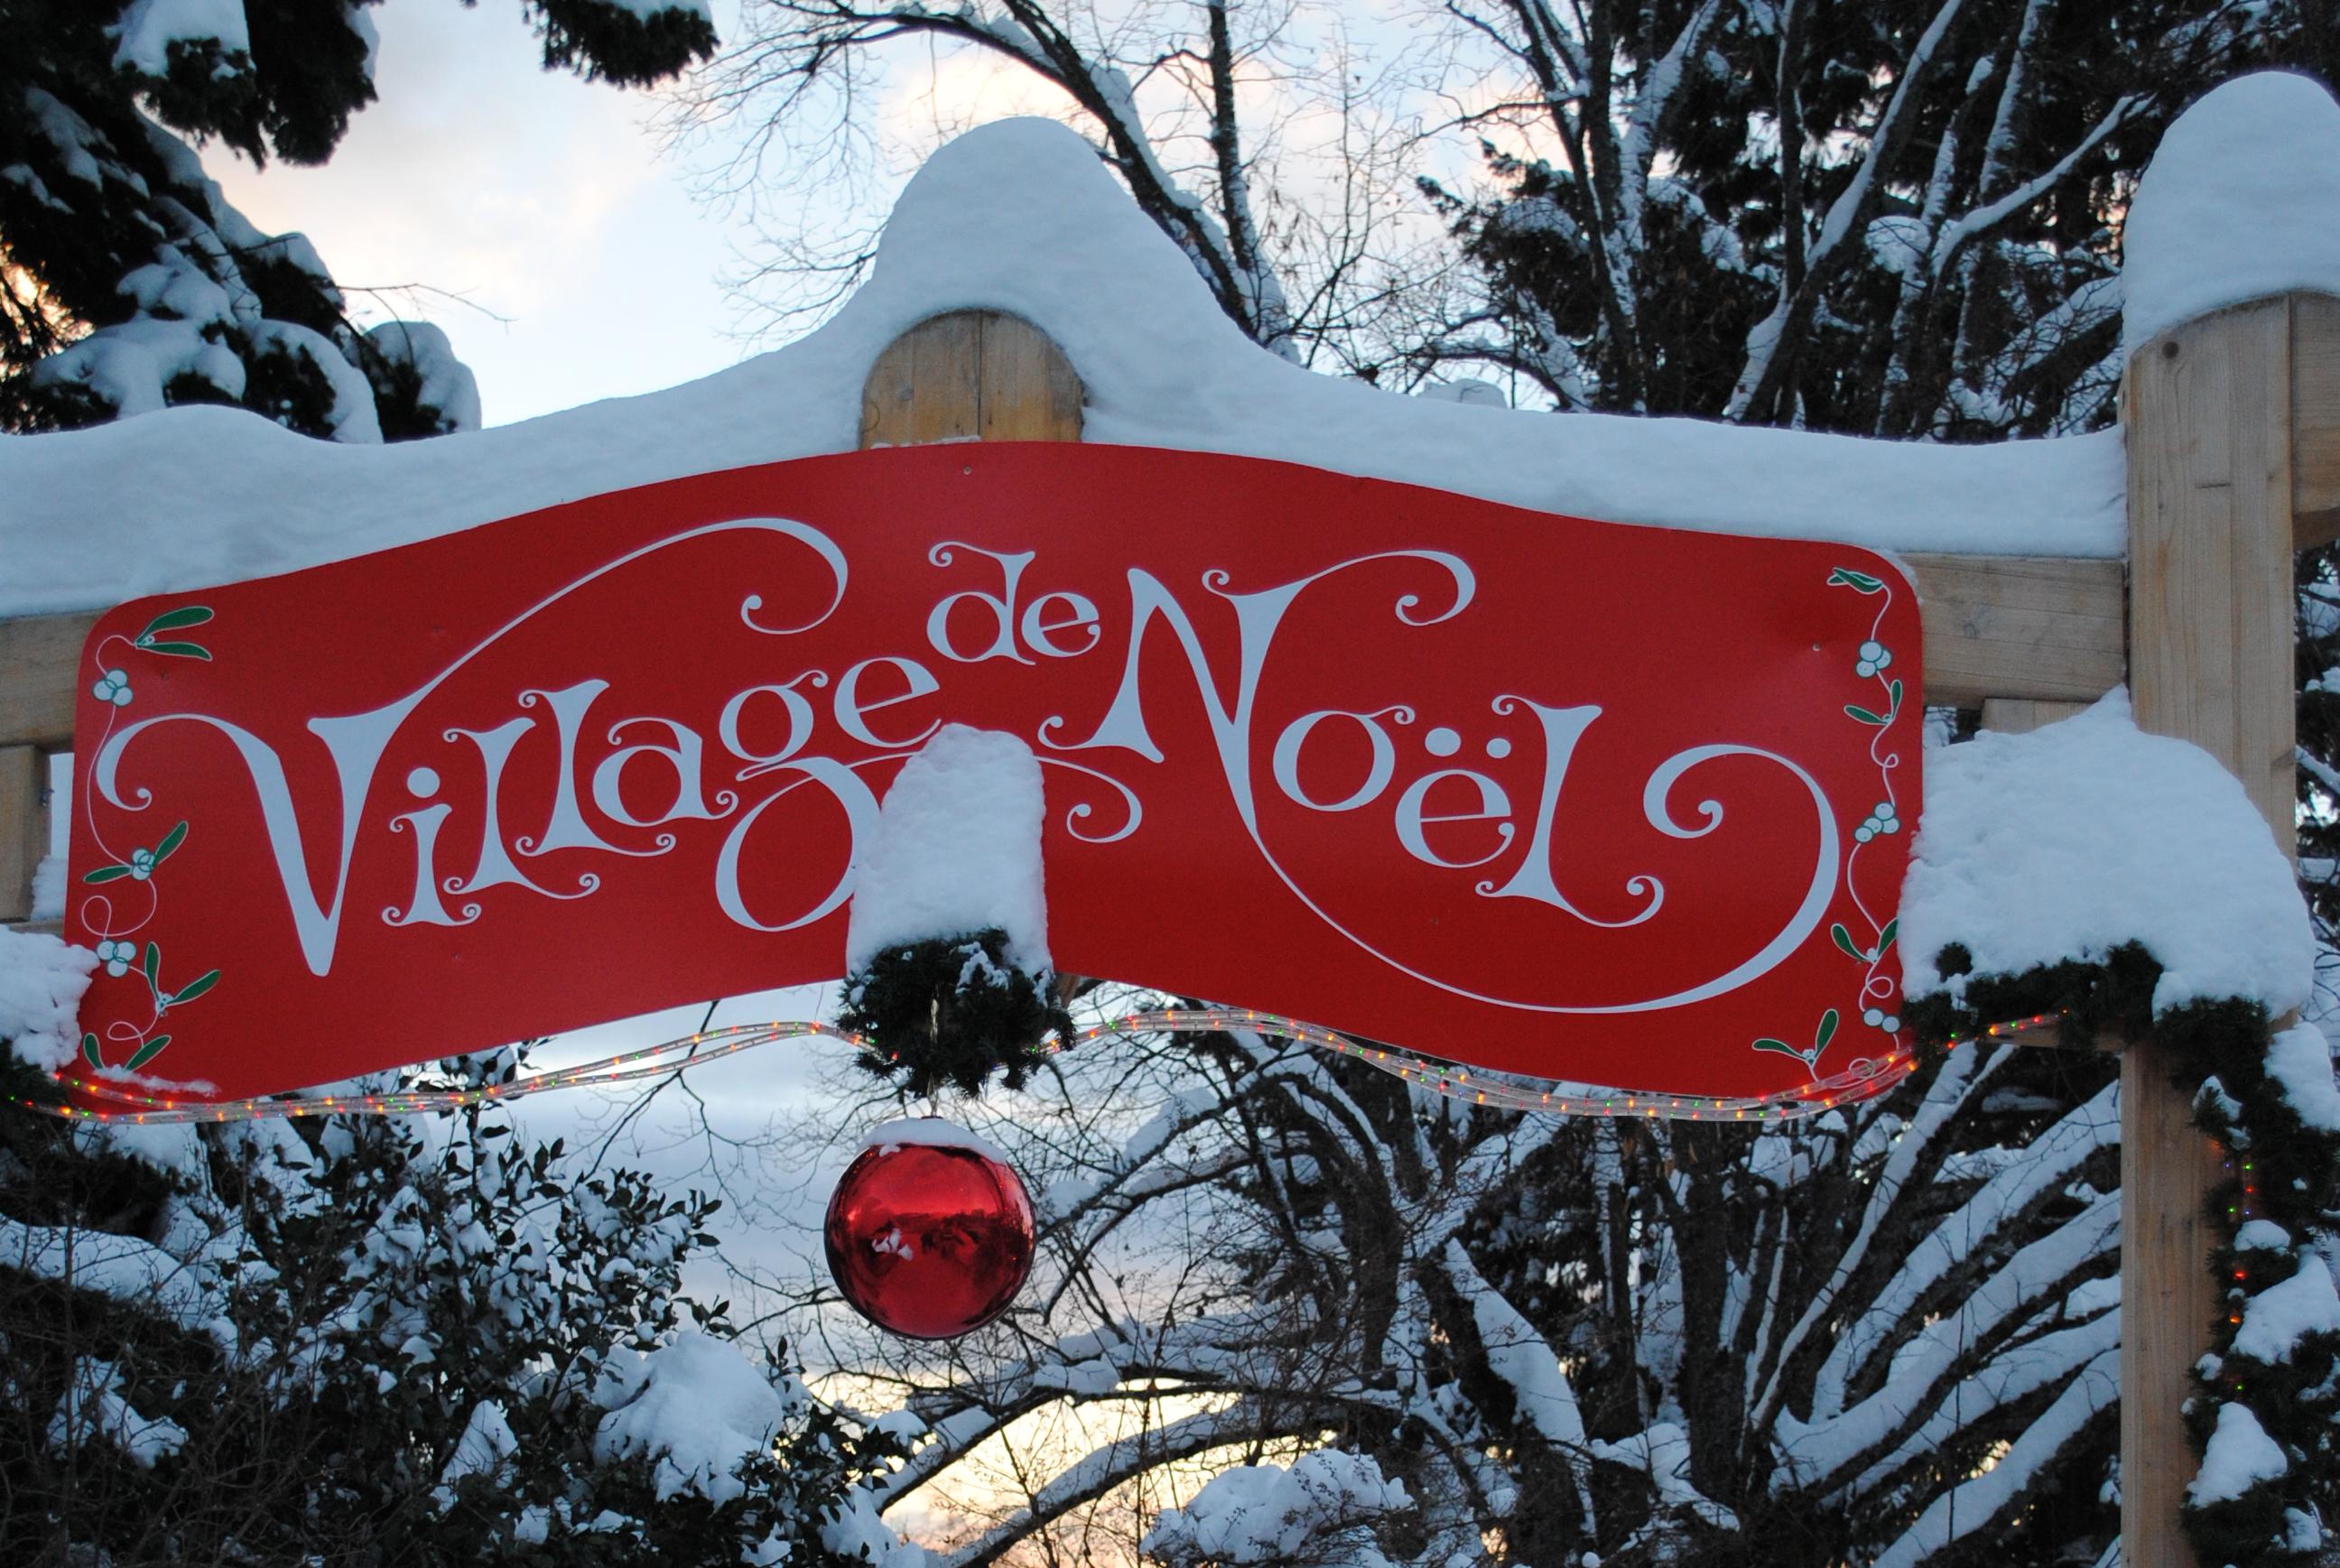 village du pere noel france Le village du Père Noël   village du pere noel france